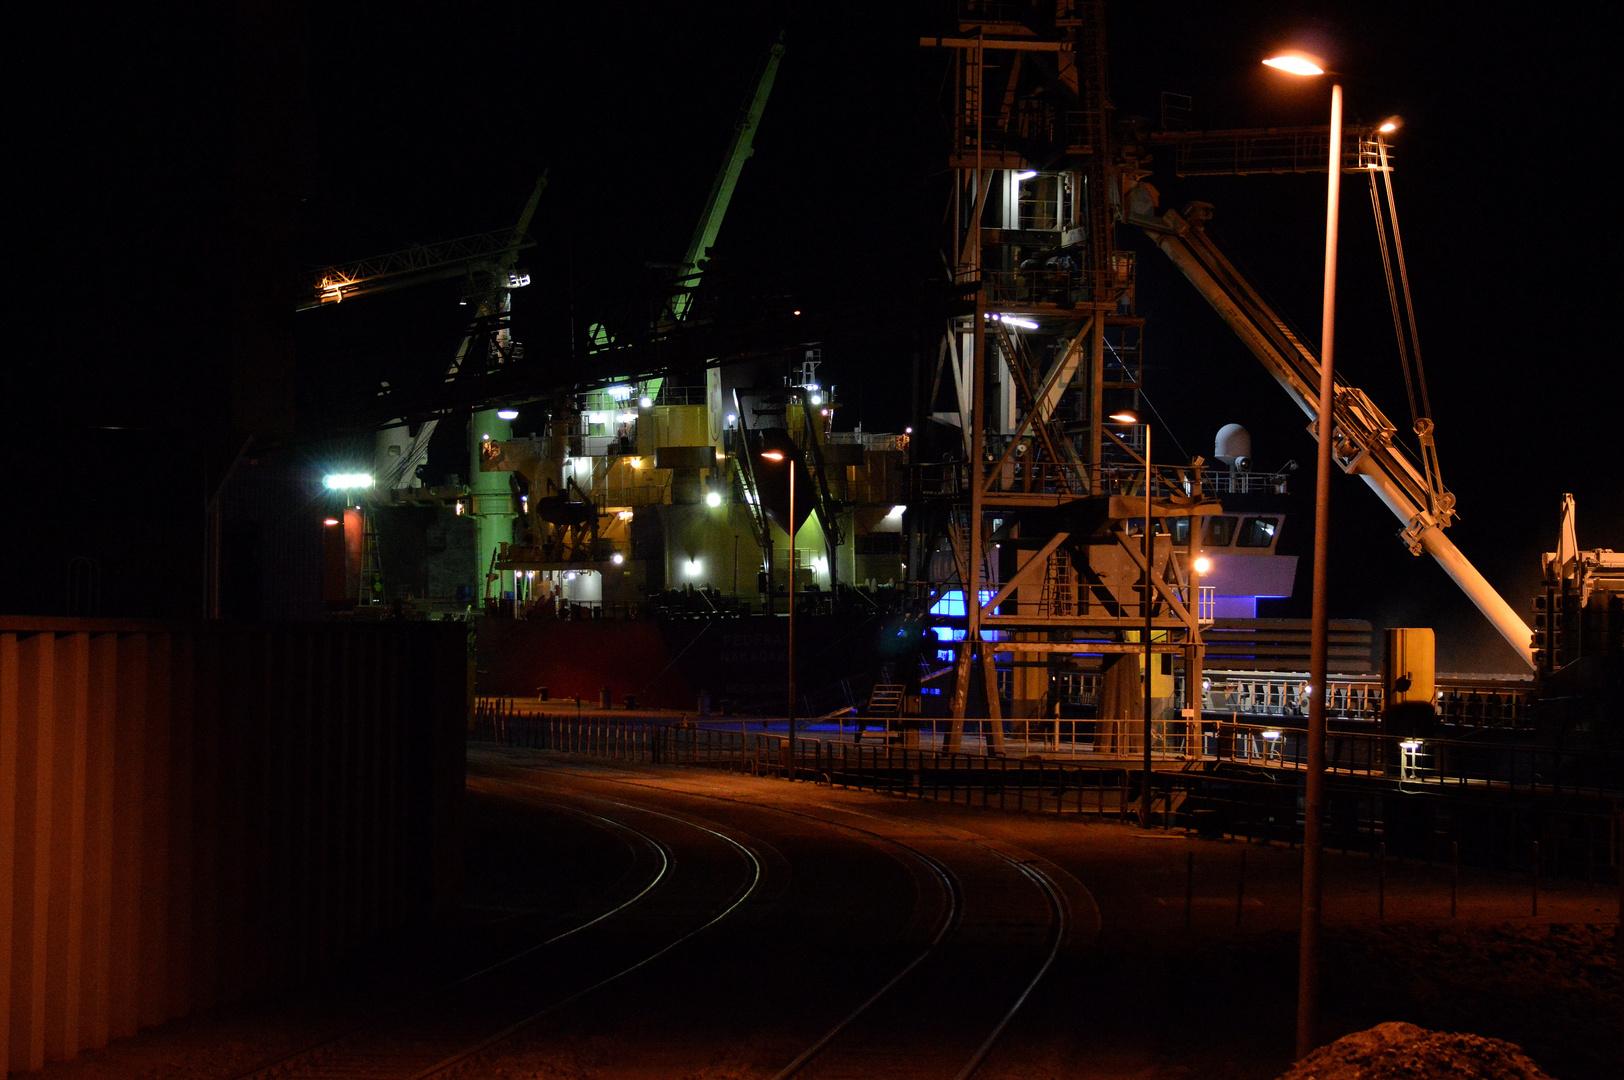 Braker Hafen bei Nacht